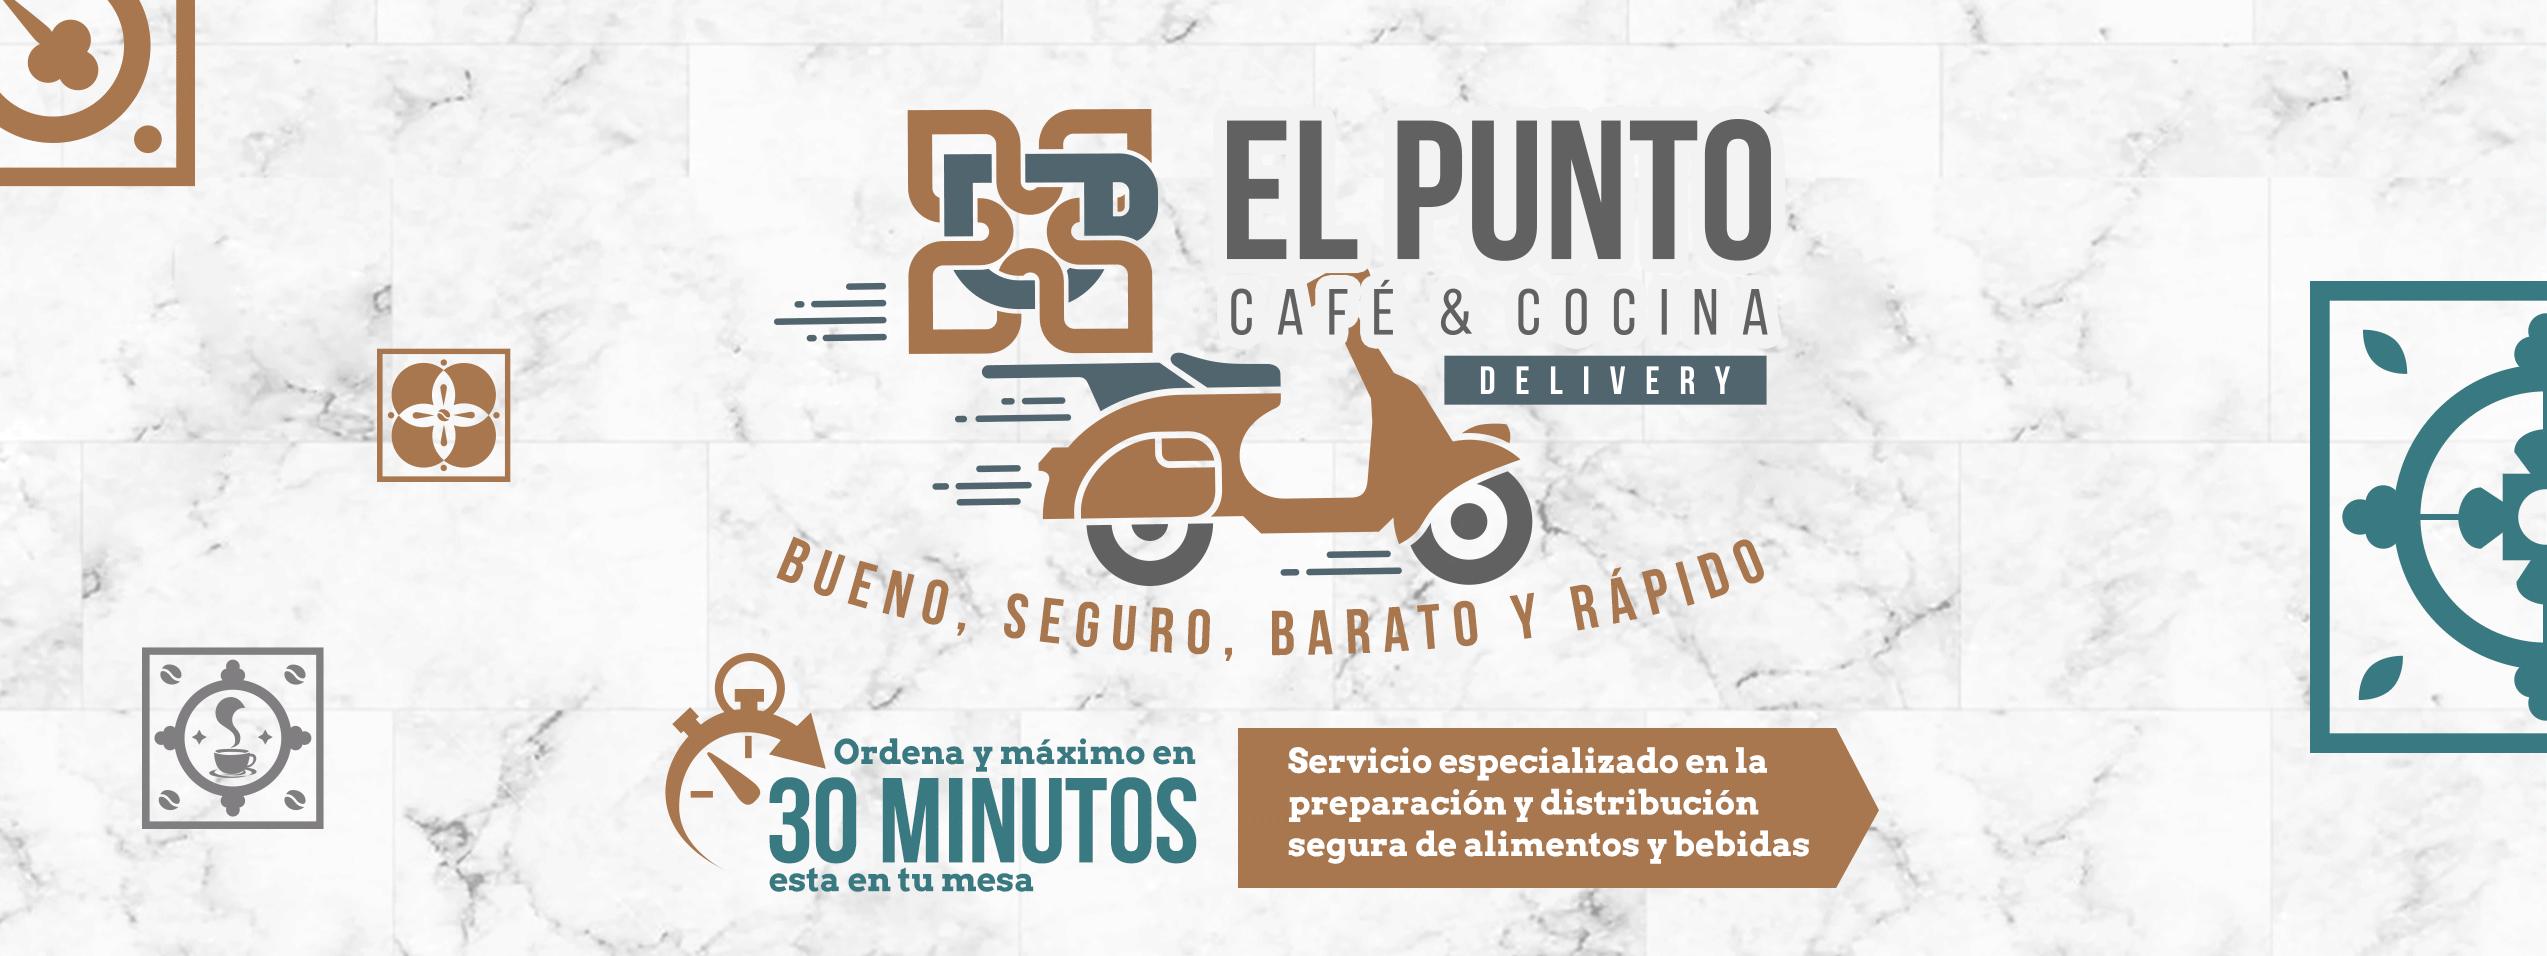 EL PUNTO CAFÉ Y COCINA